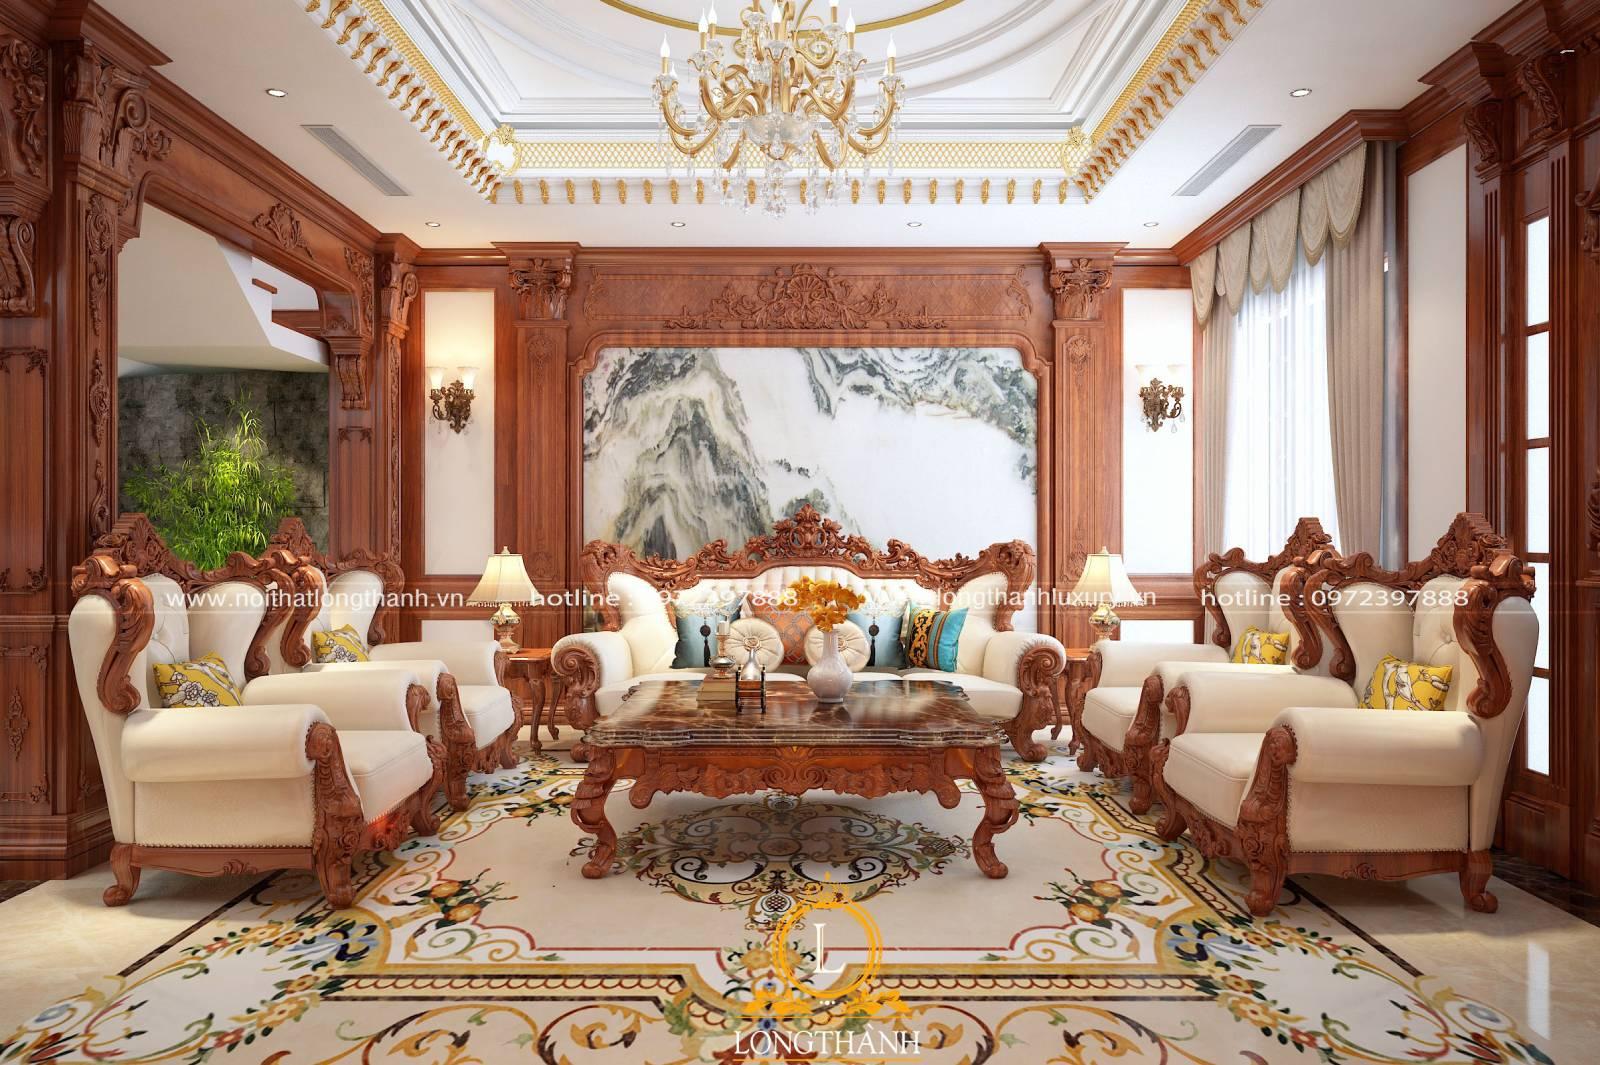 Sofa gỗ tự nhiên cho phòng khách rộng phong cách tân cổ điển